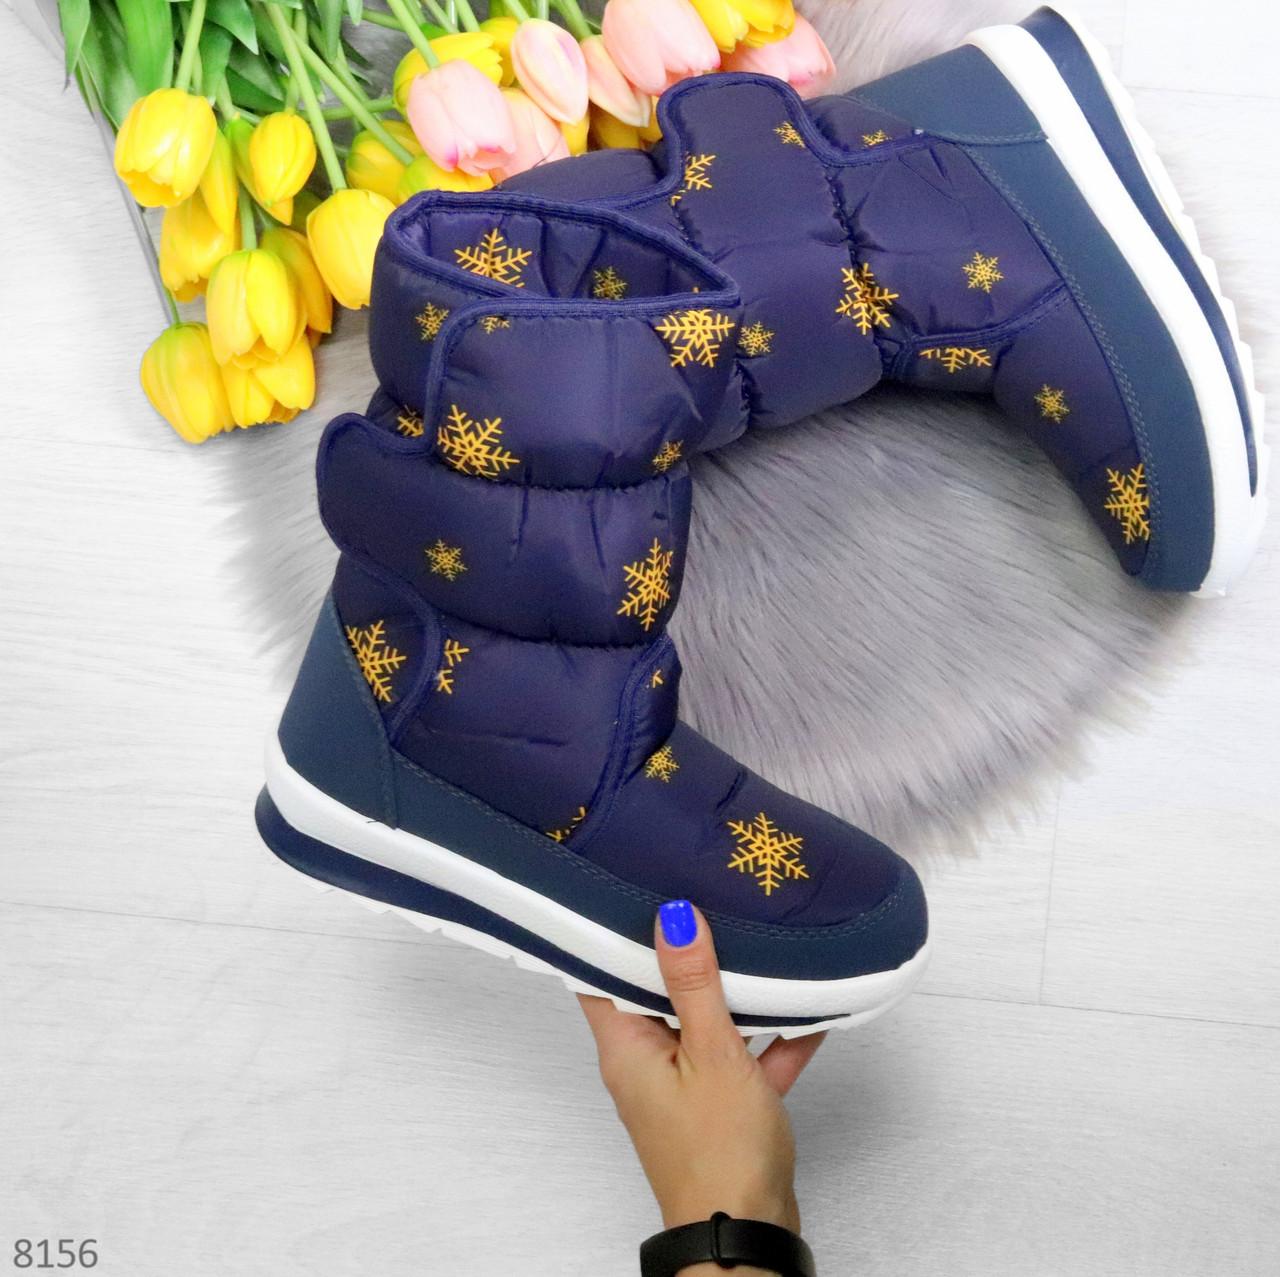 Нарядные синие текстильные женские сапоги дутики по доступной цене